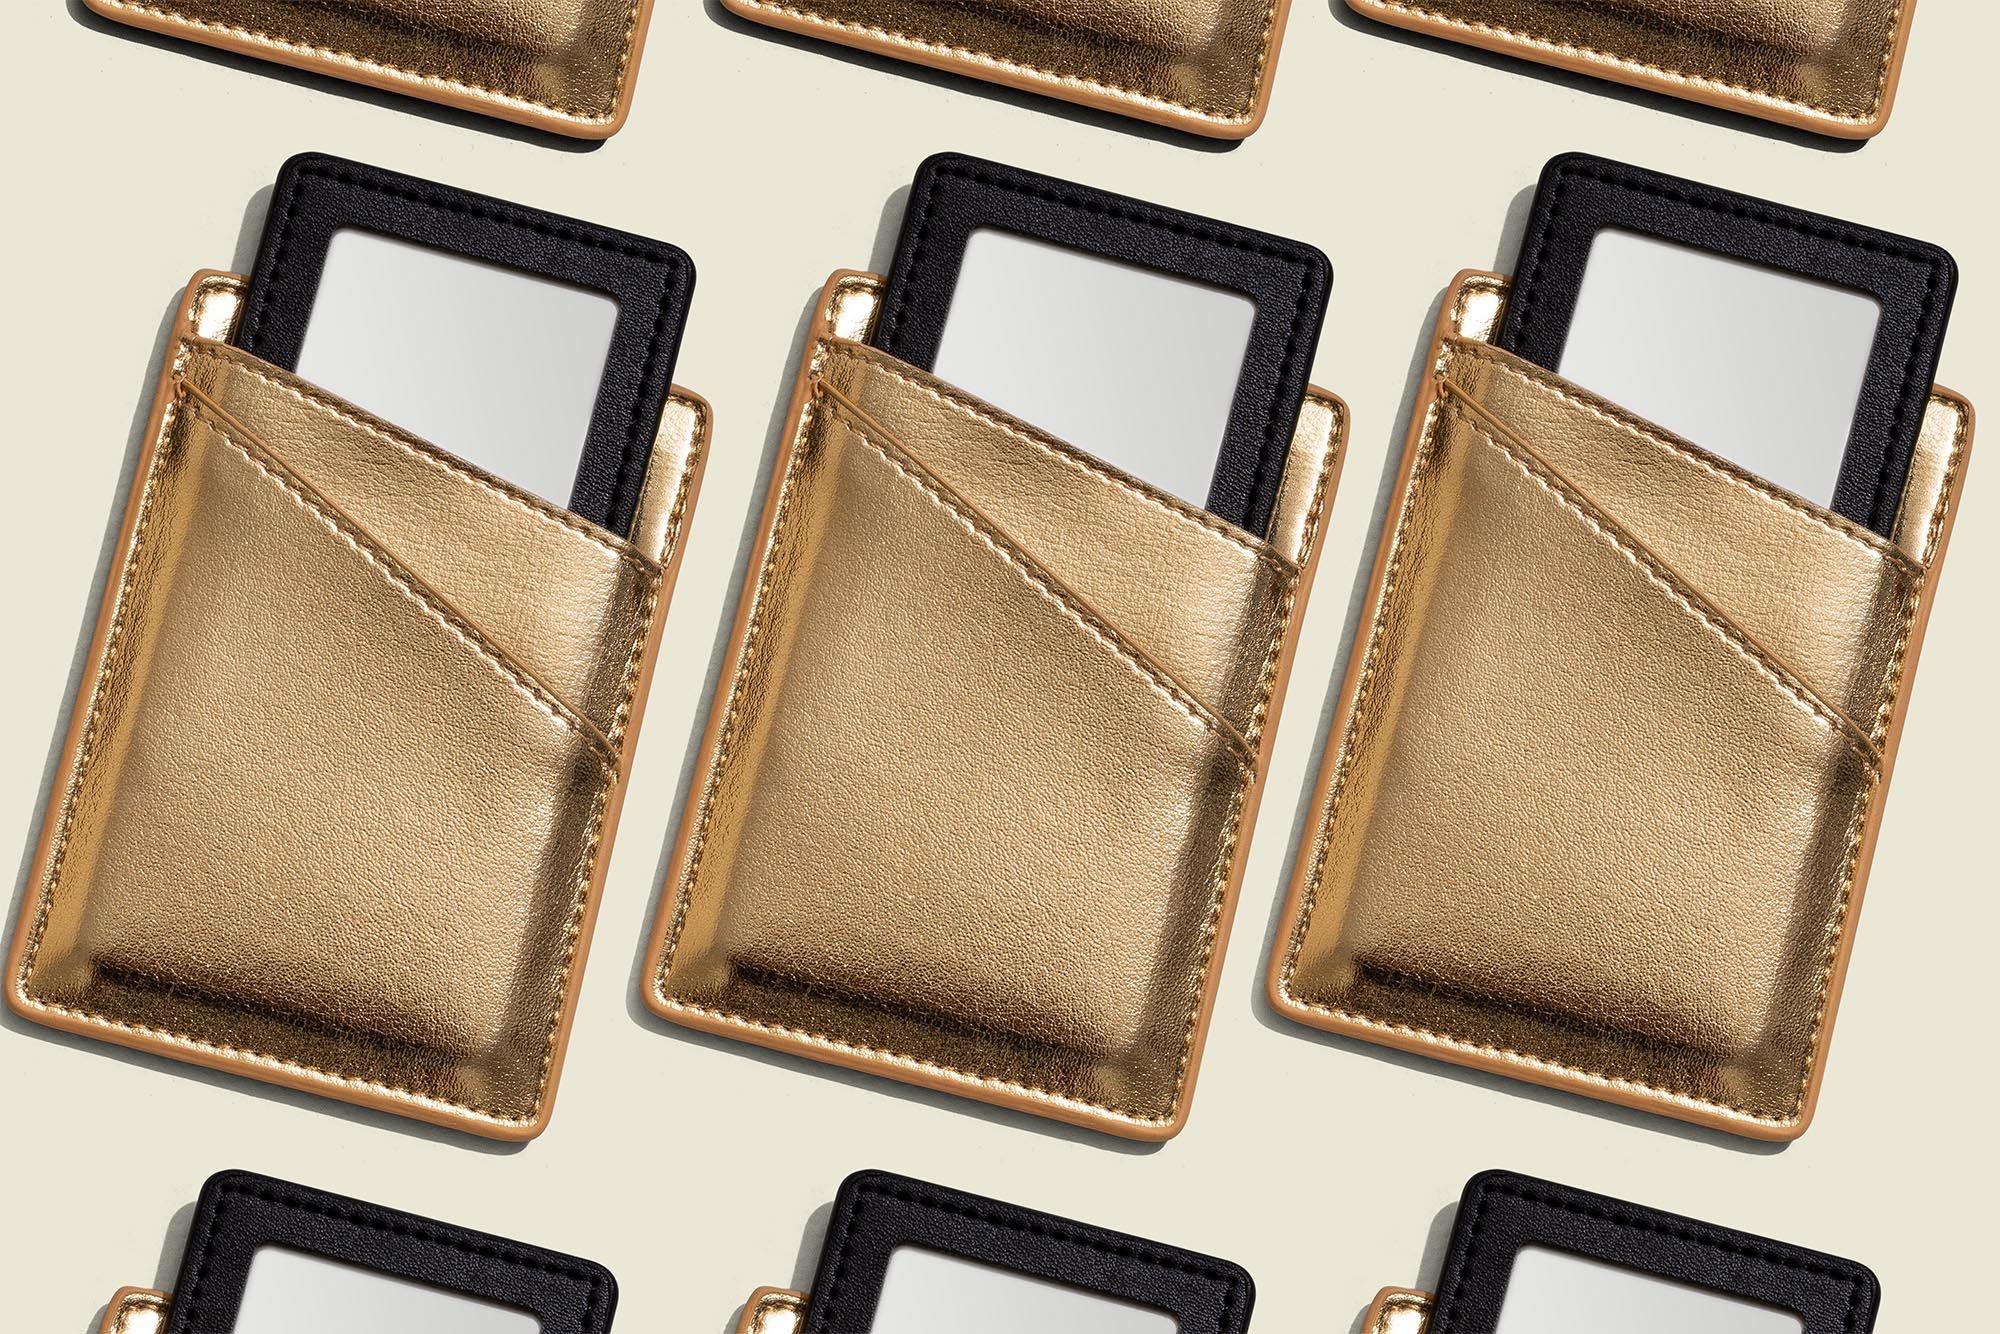 Custom packaged pocket mirror